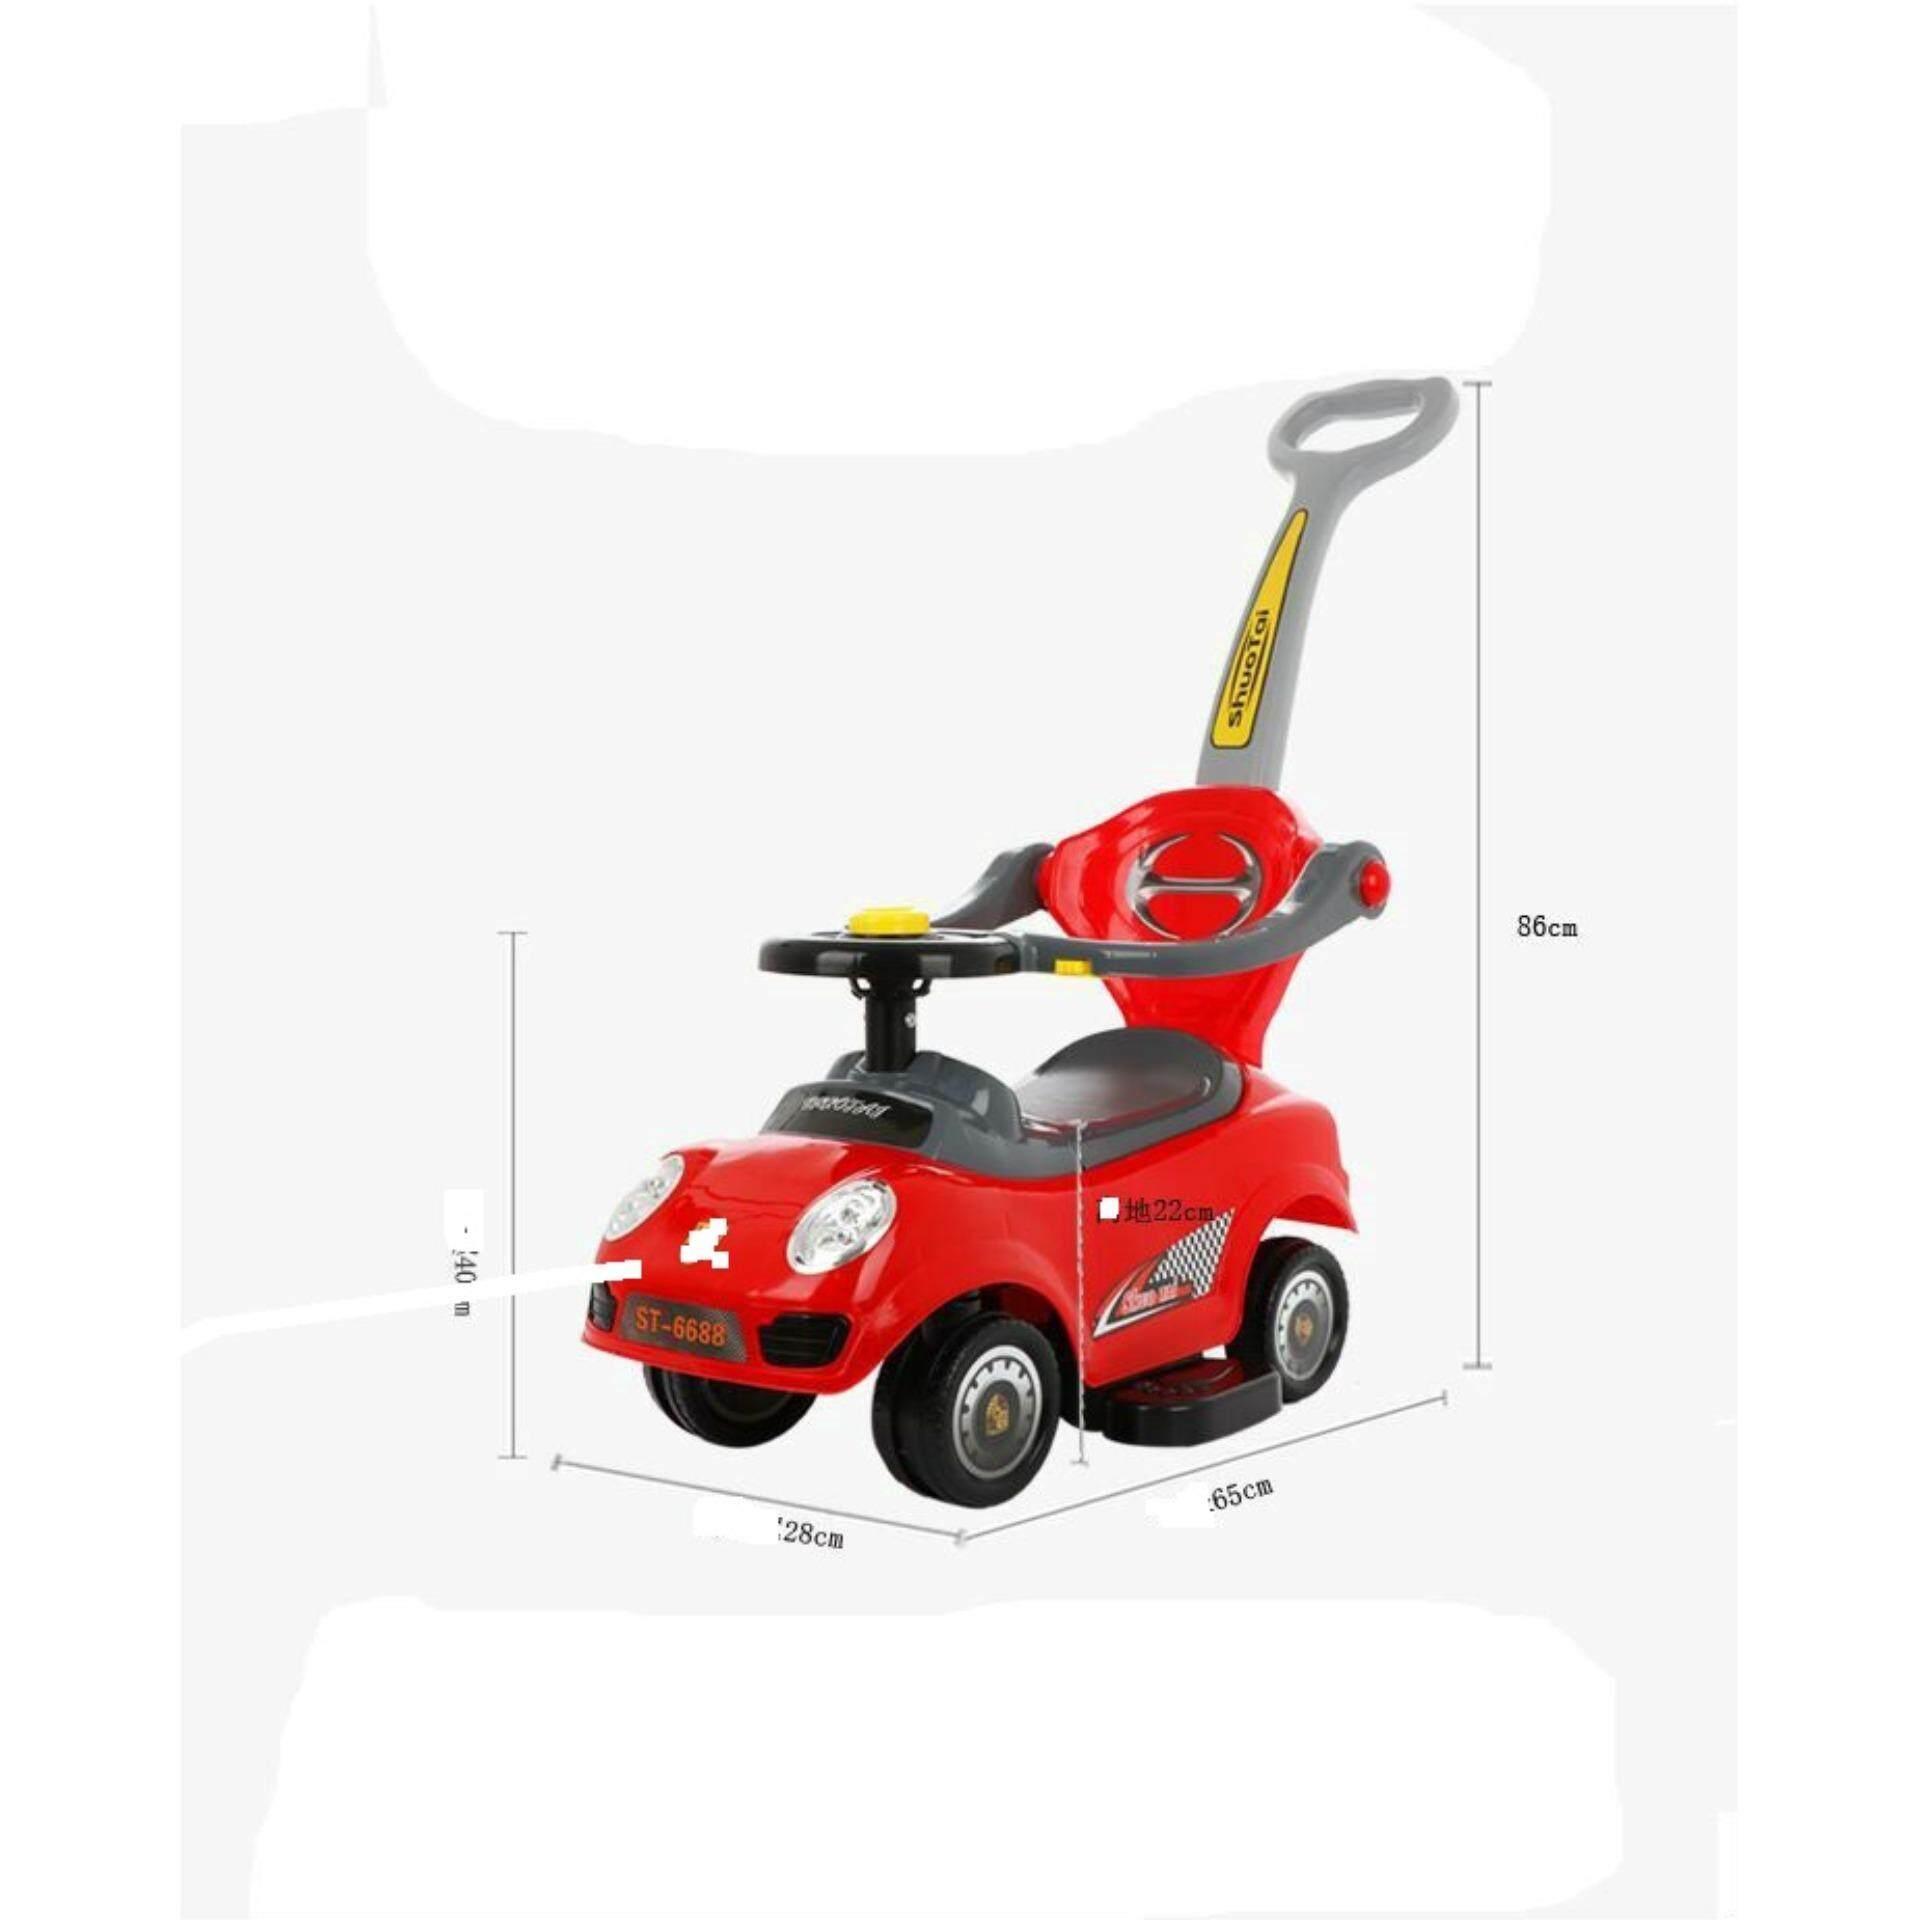 เว็บที่ขายถูกที่สุดอันดับที่ 1 Exceed รถเข็นเด็กแบบนอน EXCEED Baby Stroller wisesonle รถเข็นเด็ก ปรับนอนราบได้ พกสะดวก พร้อมแผ่นซัพพอร์ต (USA Flag) น้ำหนักเบา 4.8kg -  BST002 รีวิวที่ดีที่สุด